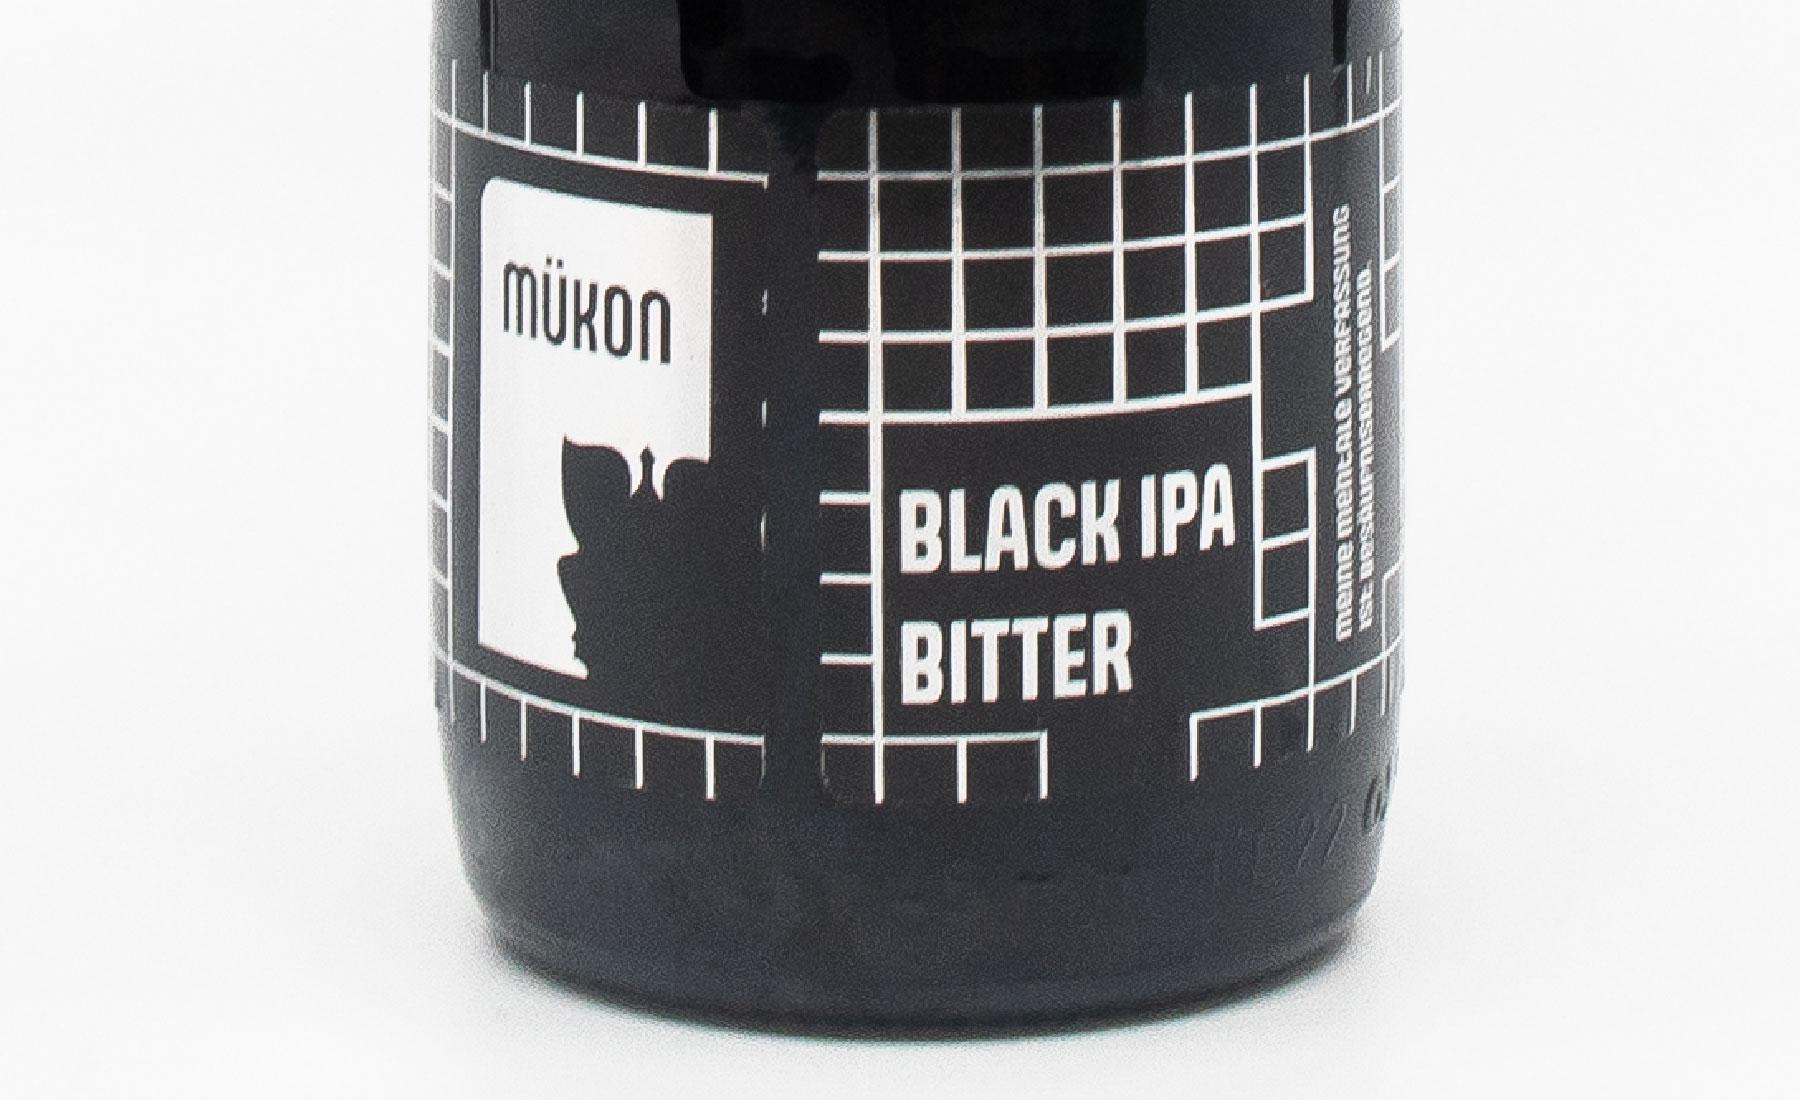 Gros plan sur l'étiquette de bière